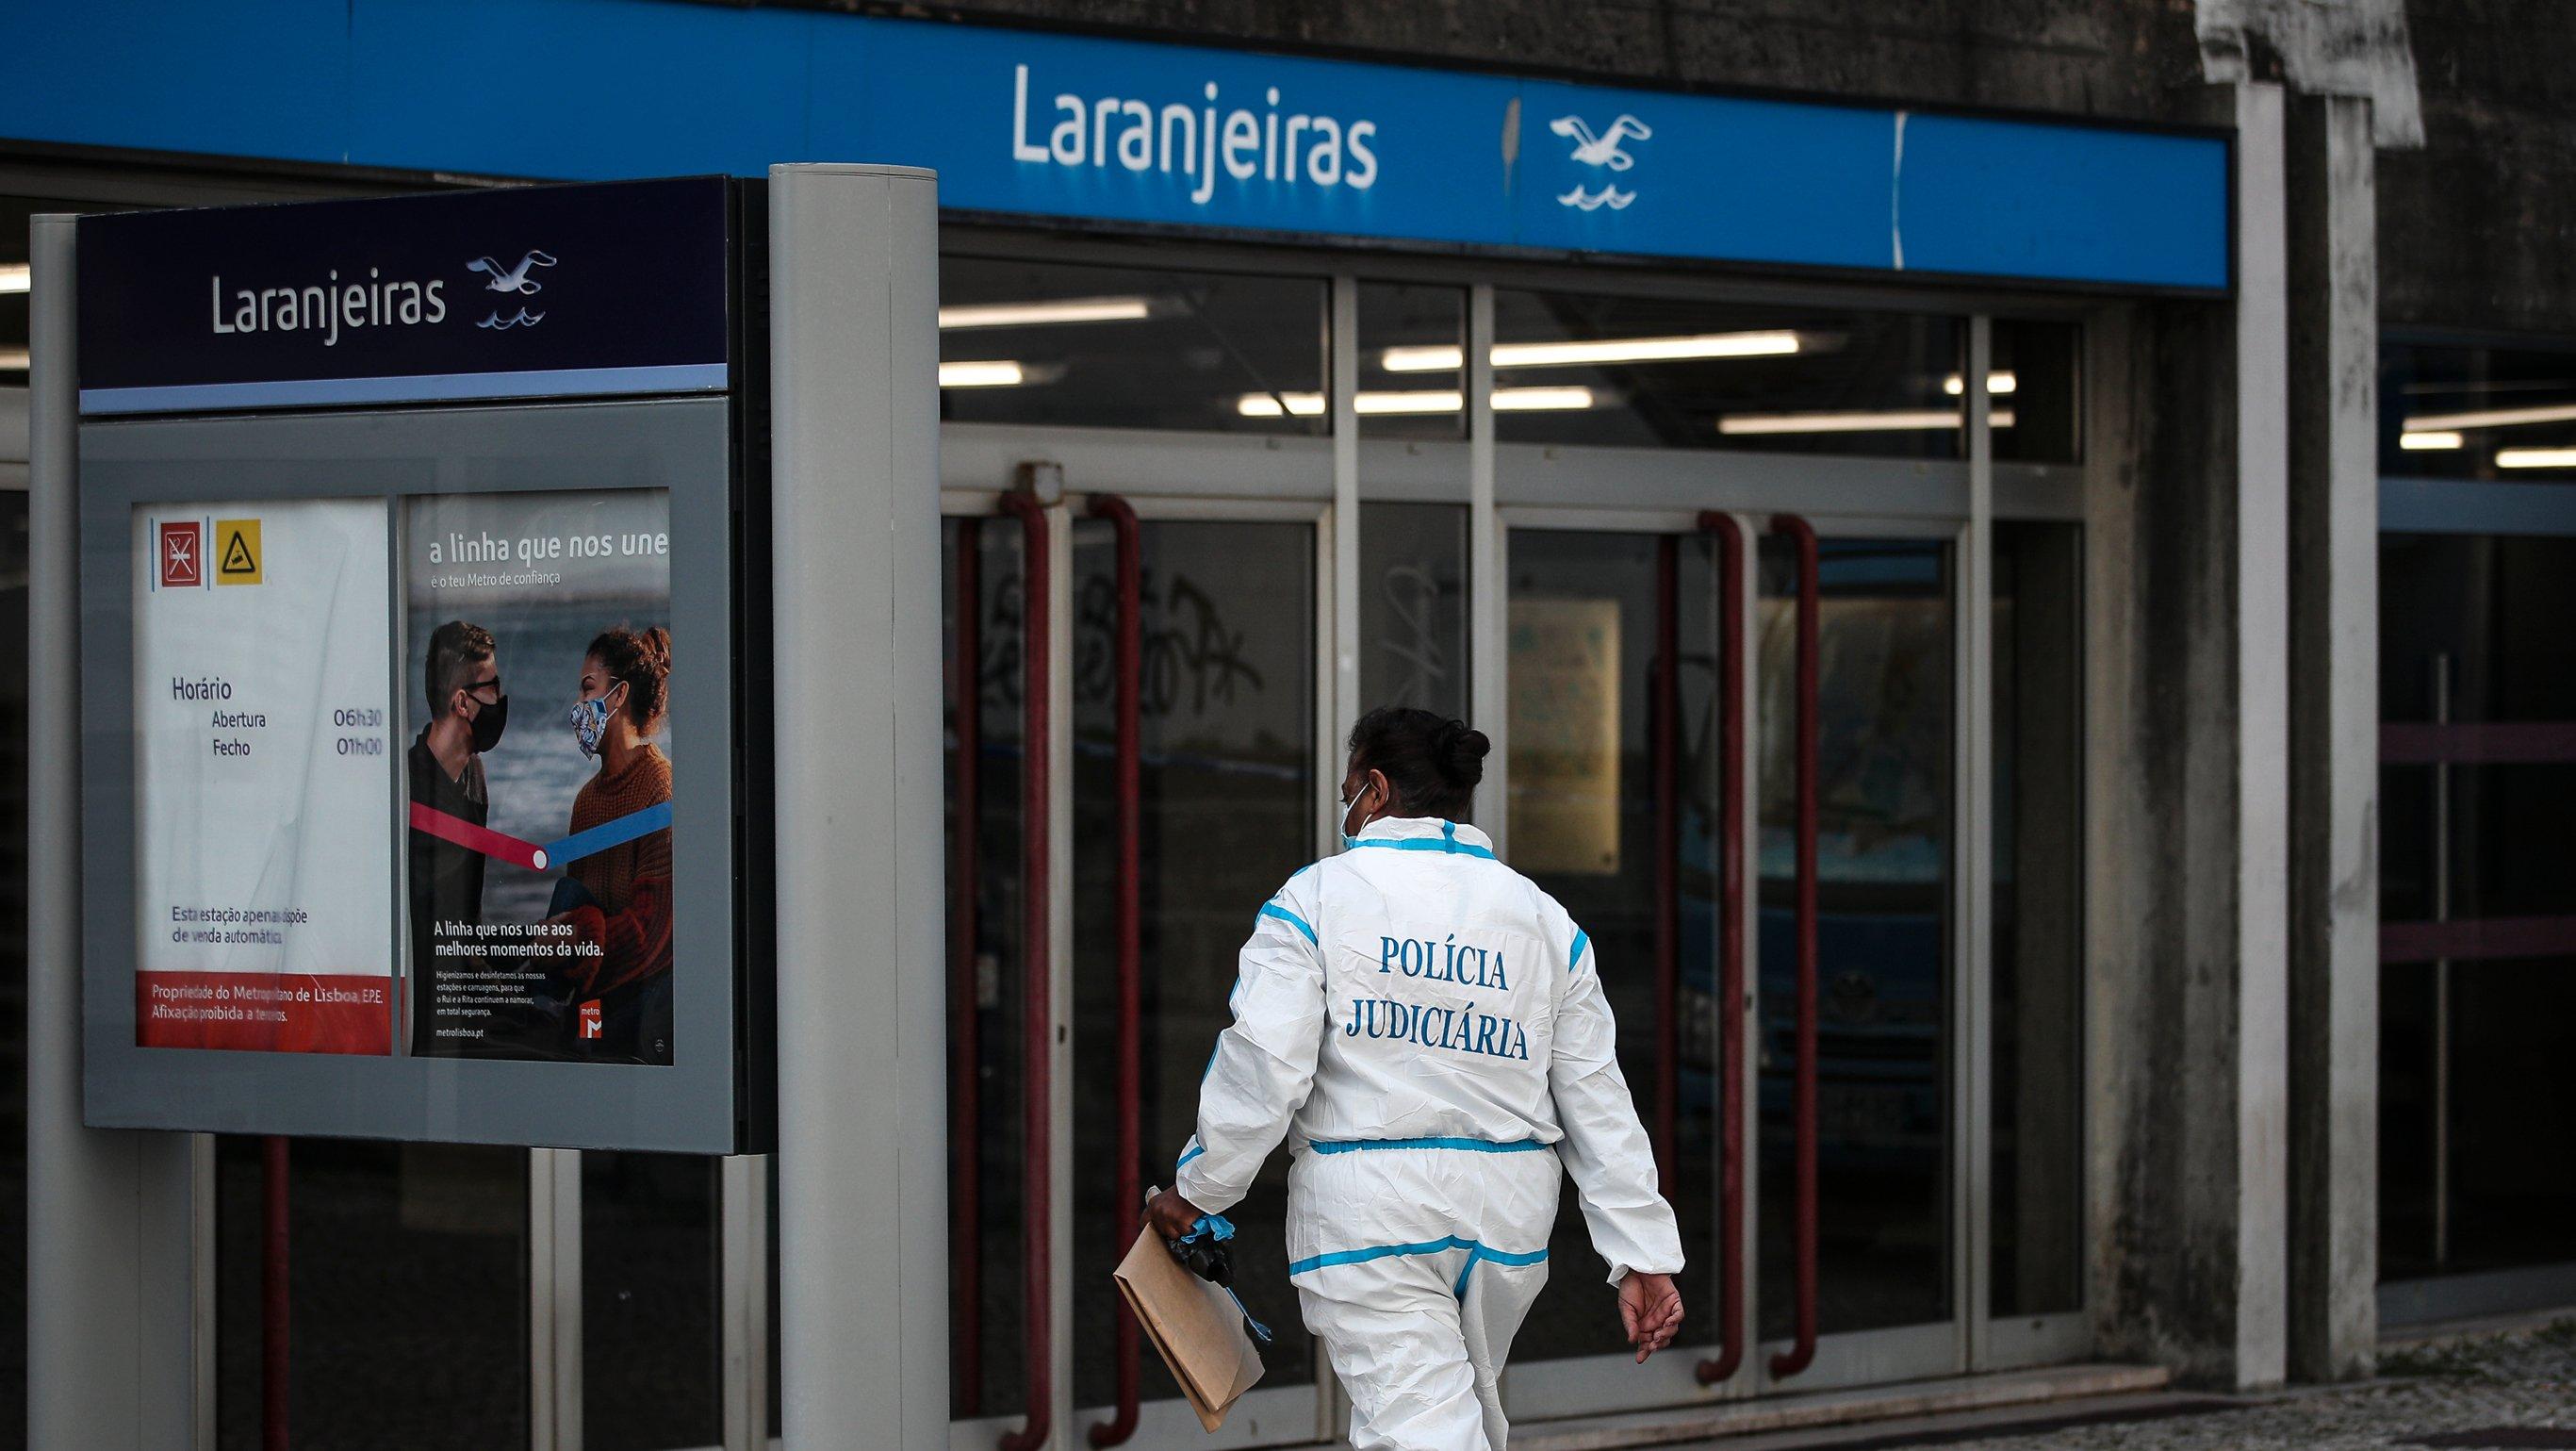 Homicídio de jovem no metro nas Laranjeiras. Lisboa, 20 de Outubro de 2021. FILIPE AMORIM/OBSERVADOR